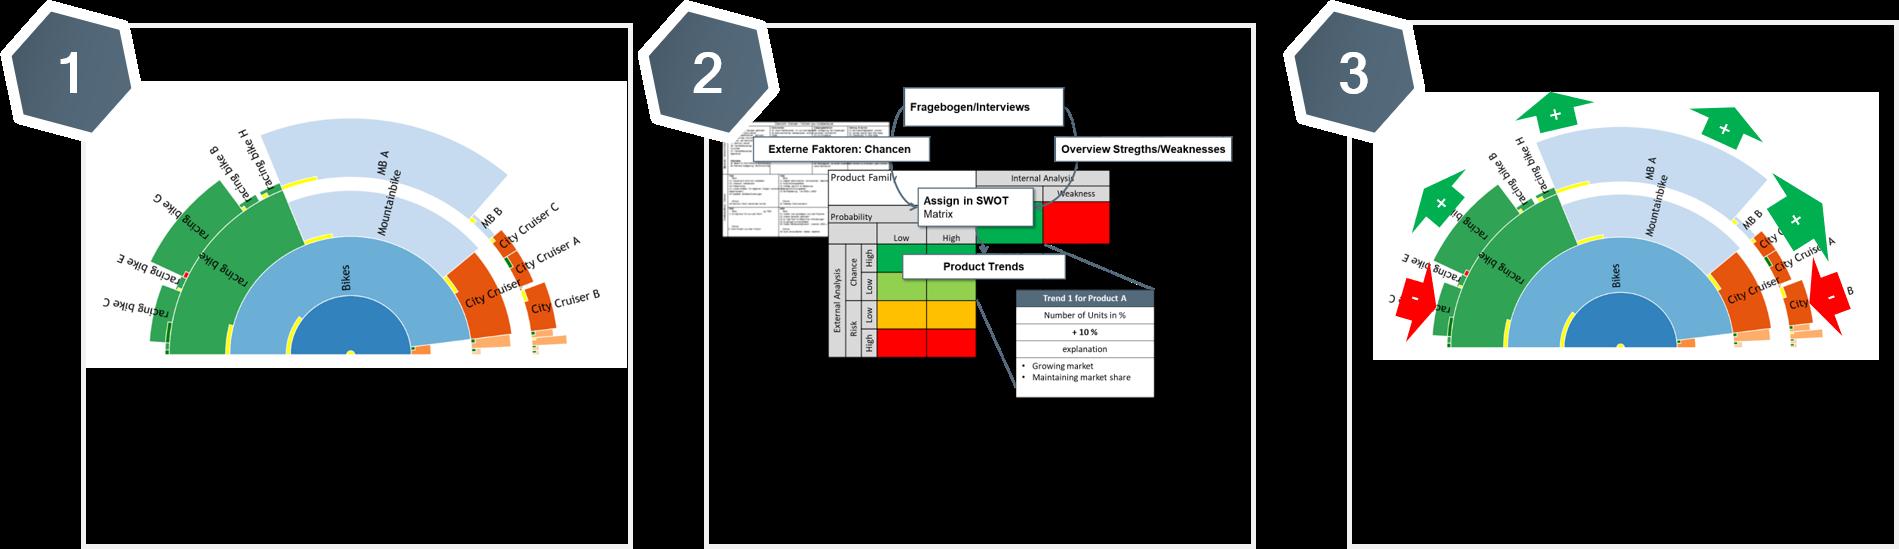 Modularisierung_Portfolioanalyse